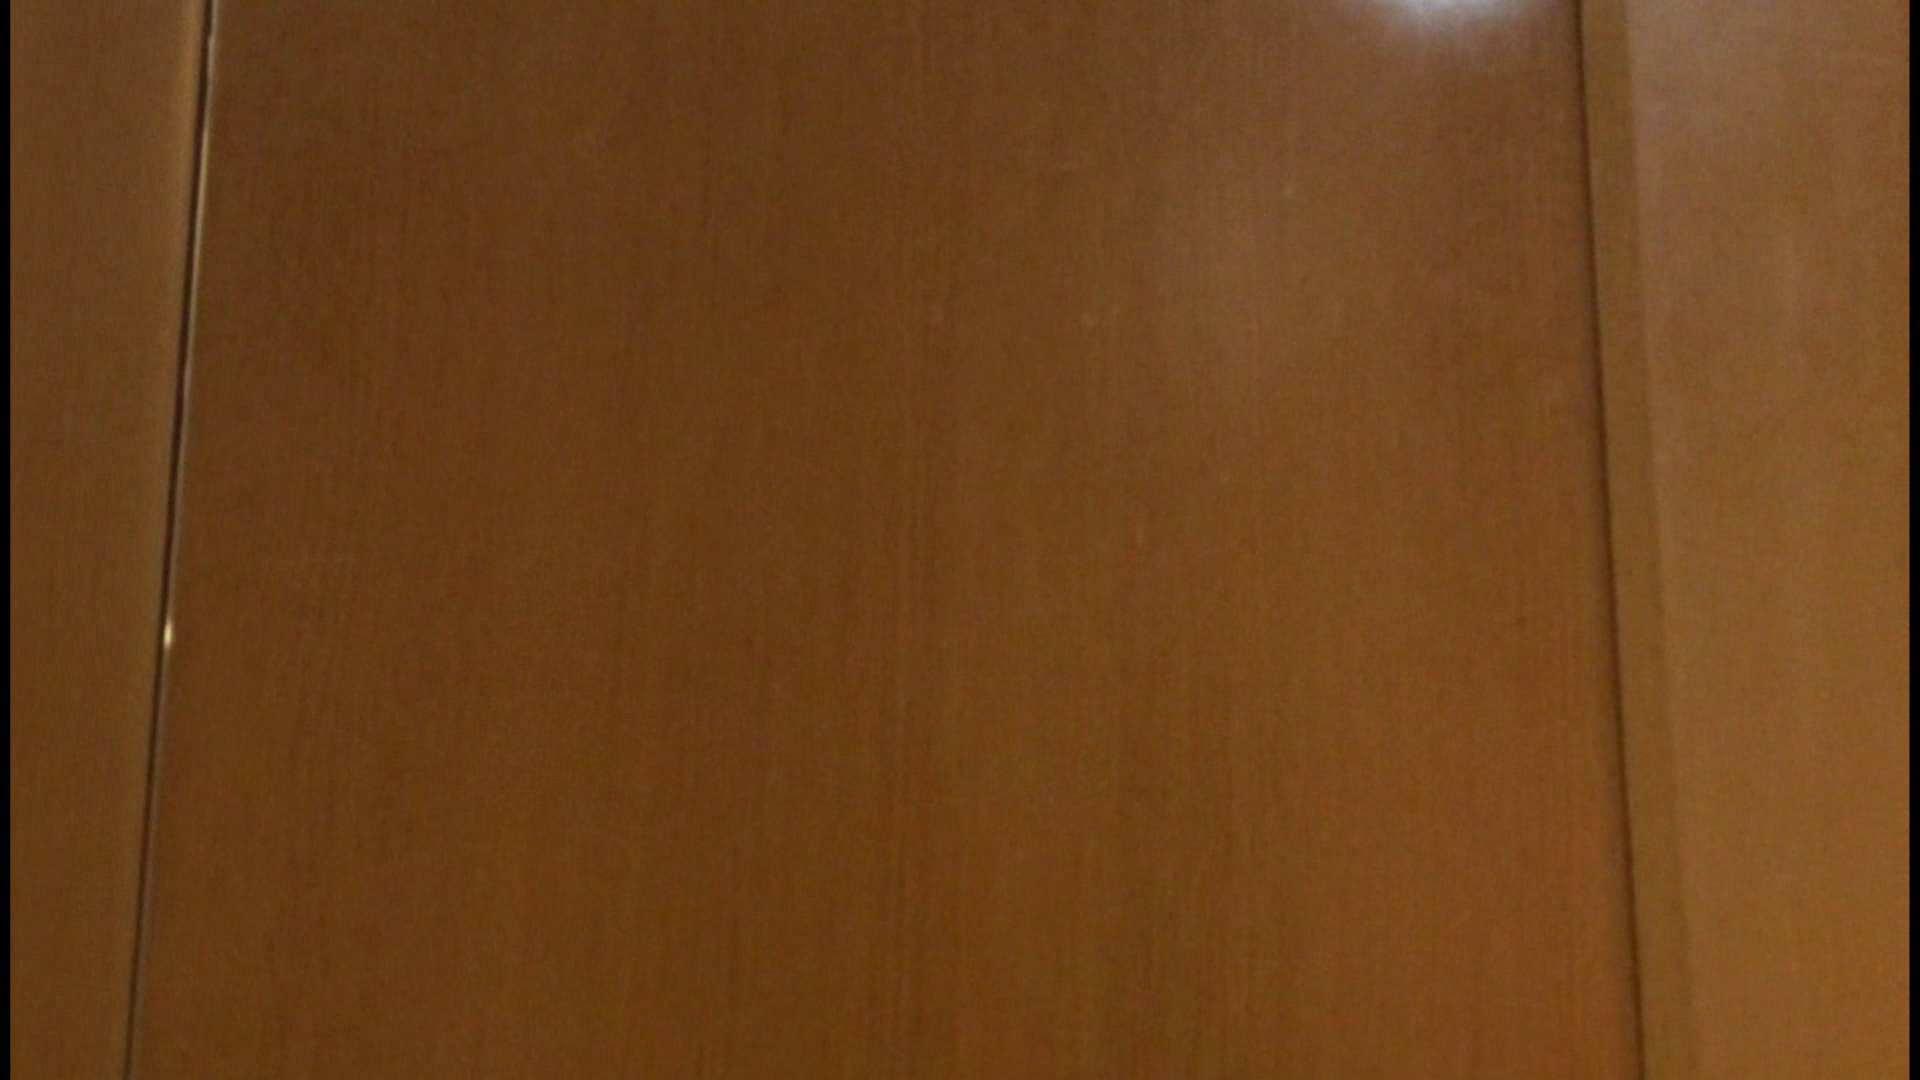 「噂」の国の厠観察日記2 Vol.08 OLハメ撮り  111Pix 109